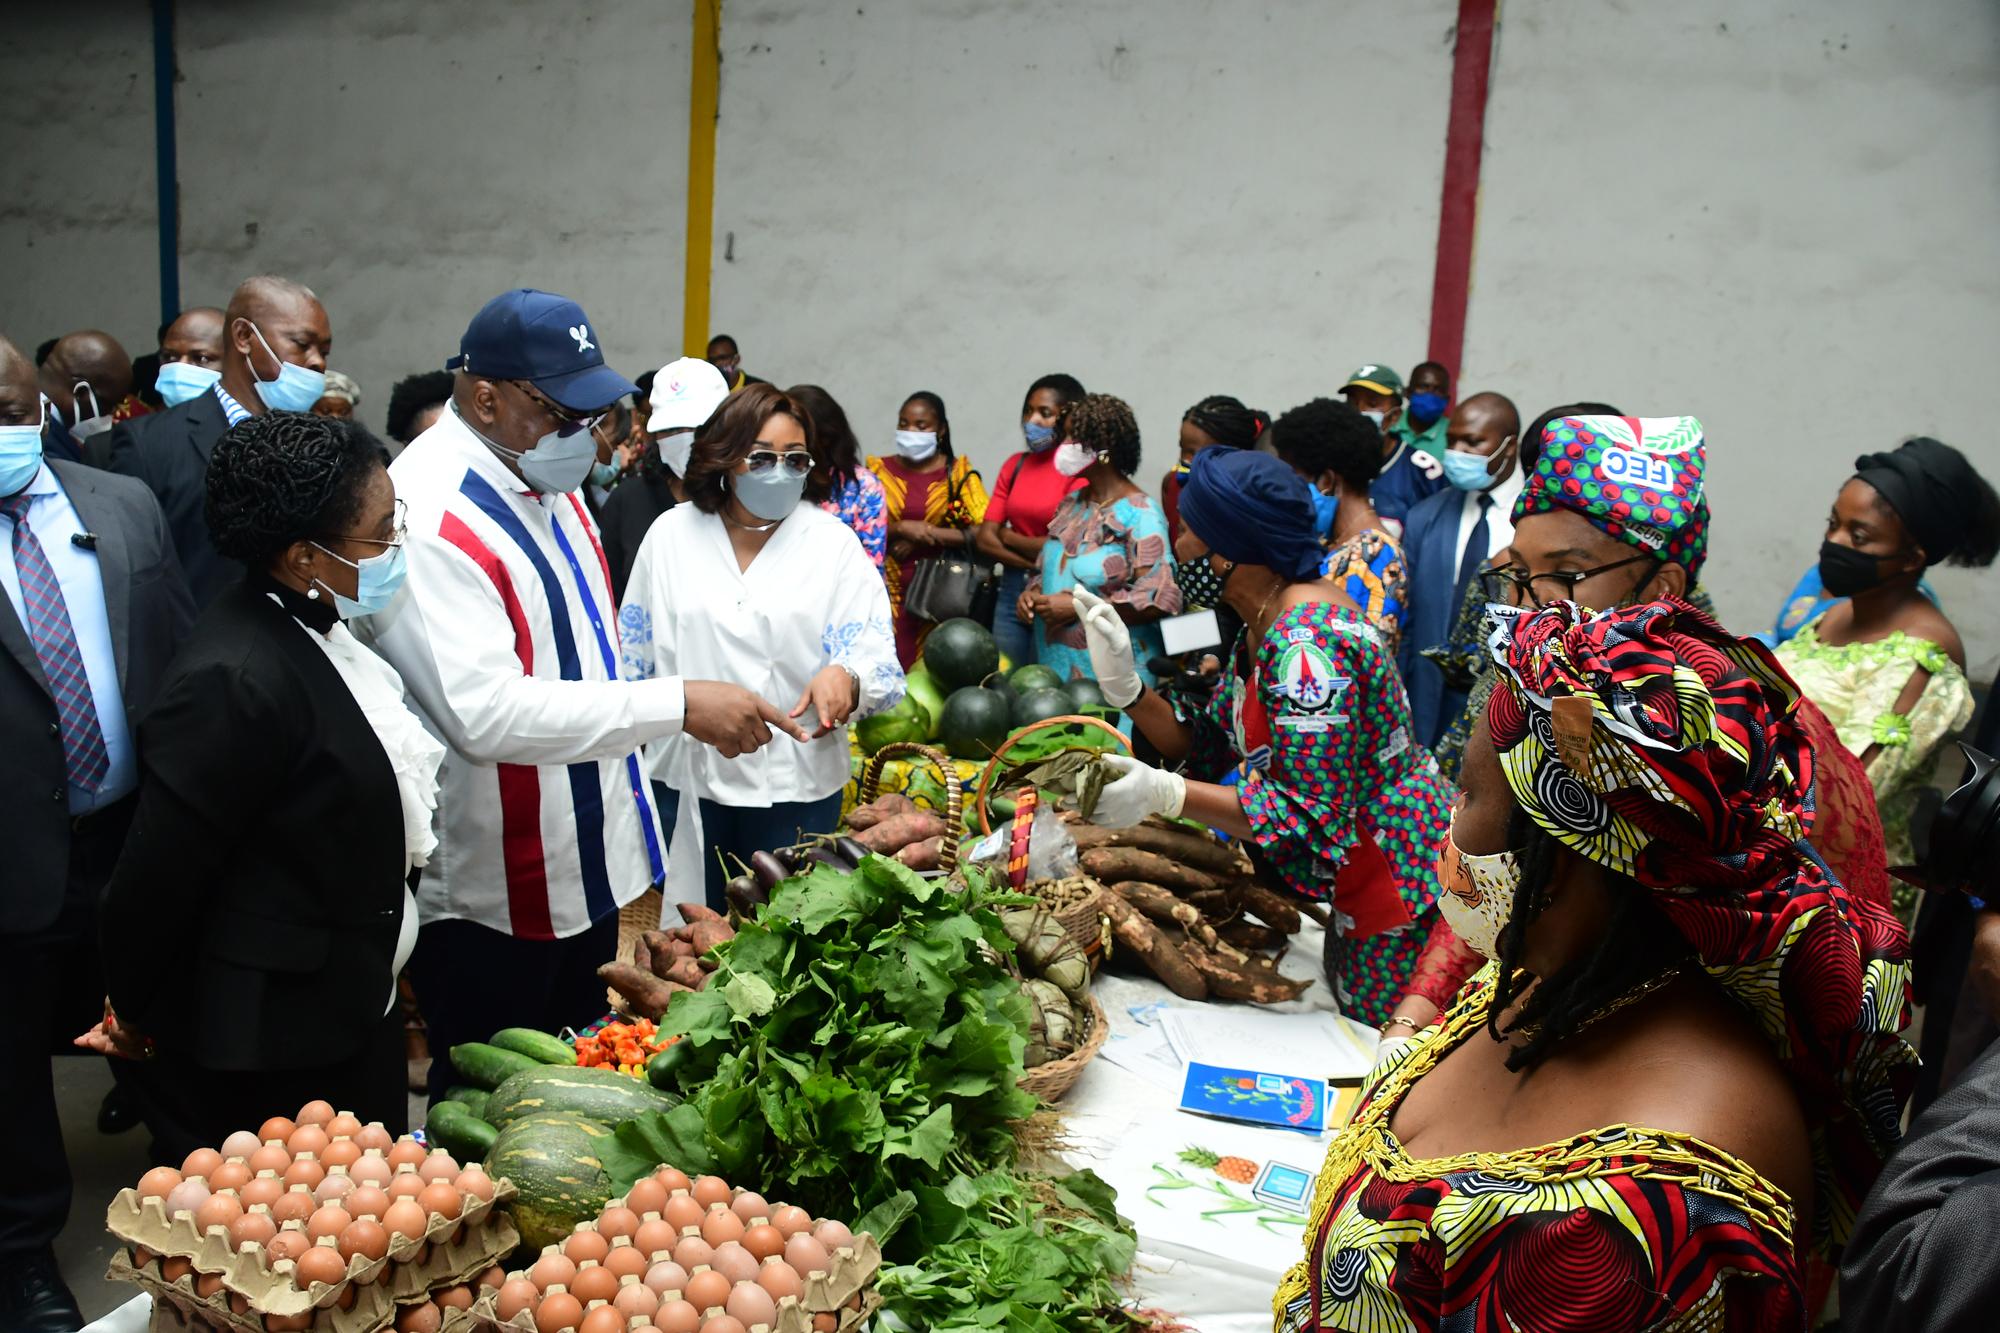 Les tensions entre le Cach de Félix Tshisekedi (ici, au marché, le 20 juin) et le FCC de Joseph Kabila ne cessent d'augmenter.